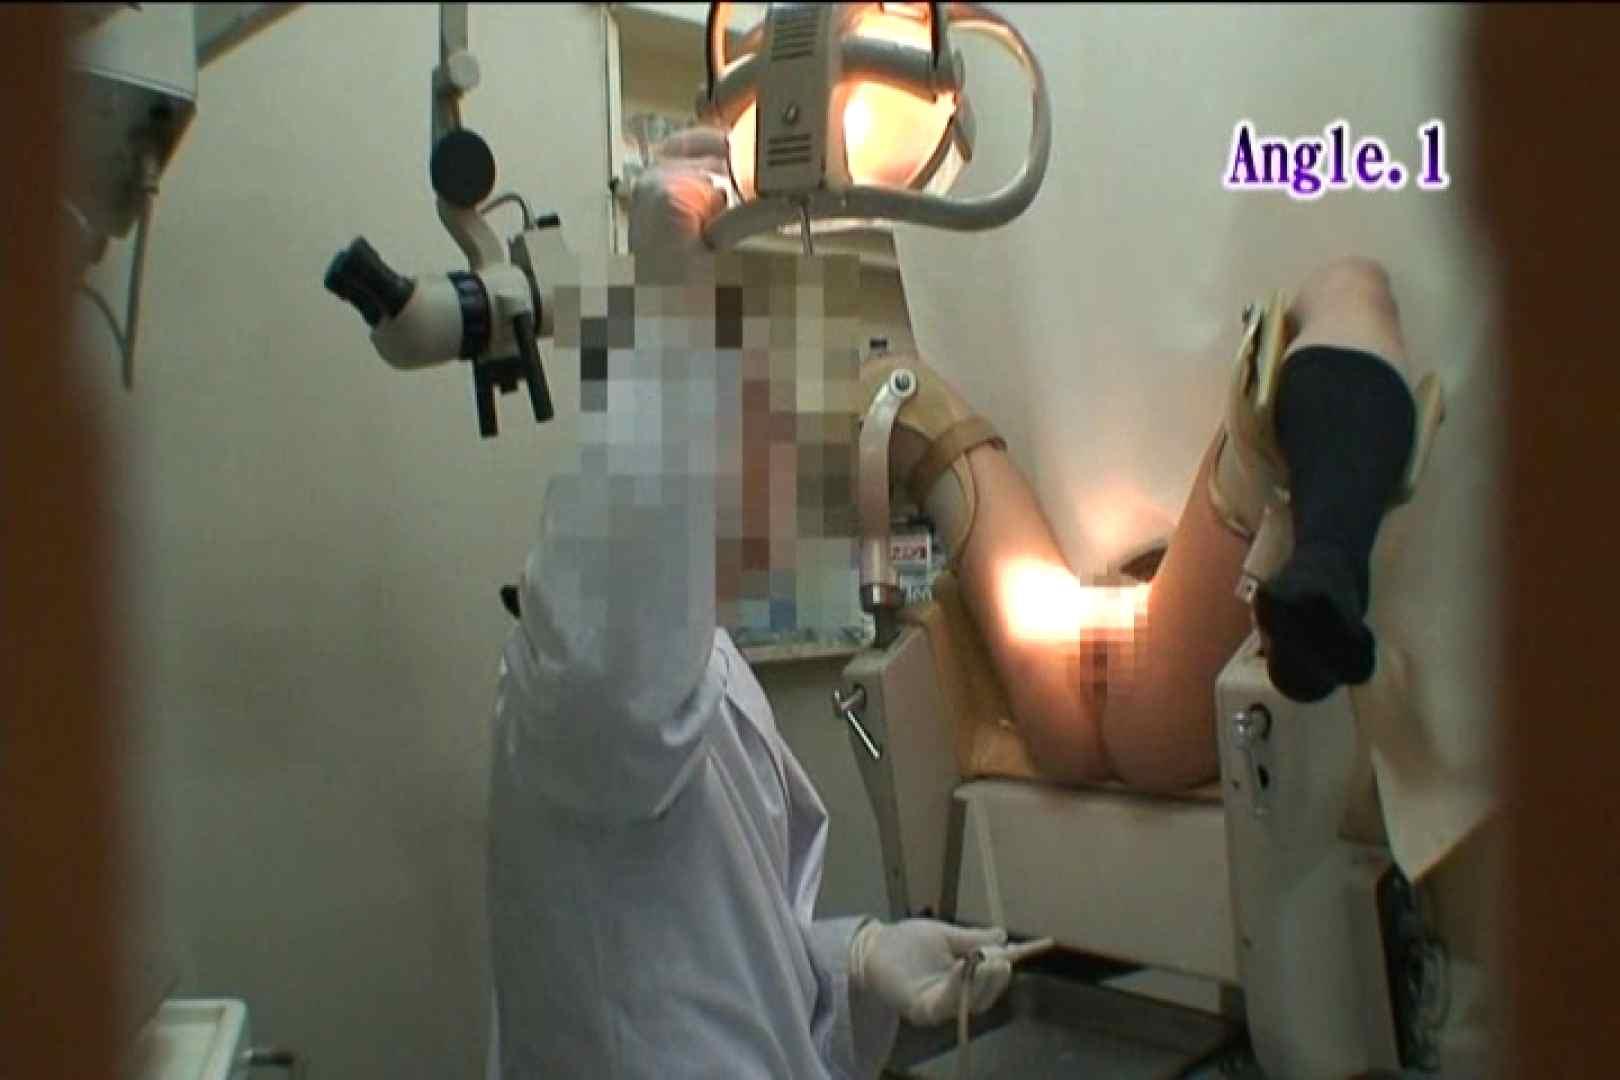 患者のおまんこをコレクションする変態医師の流出映像Vol.1 OLエロ画像 | 生おまんこ  45PICs 40